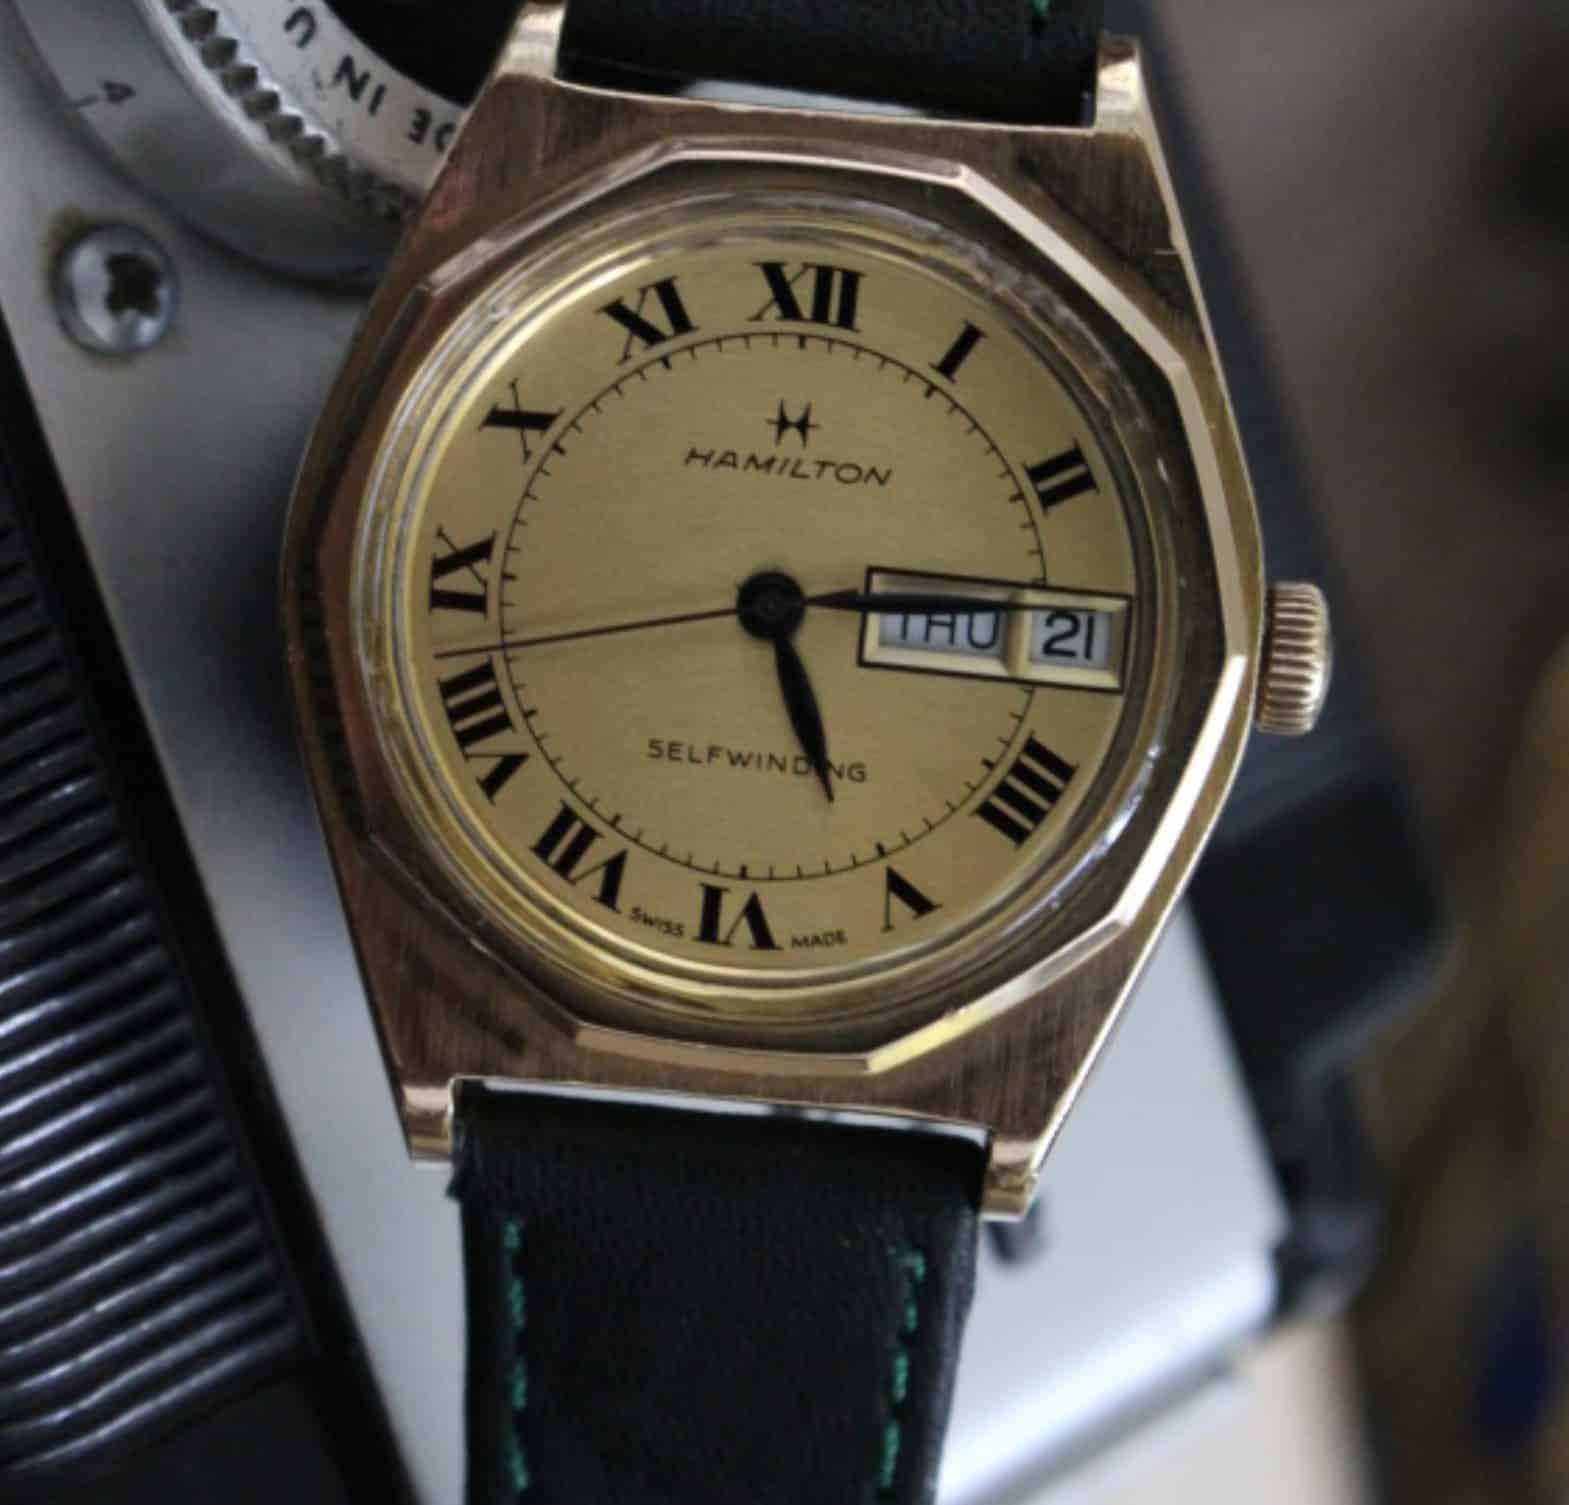 Ein schönes Sammlerstück, weil nicht alltäglich: Die Hamilton Uhr von Gérald Genta mit abgerundeter Oktaeder-Form.